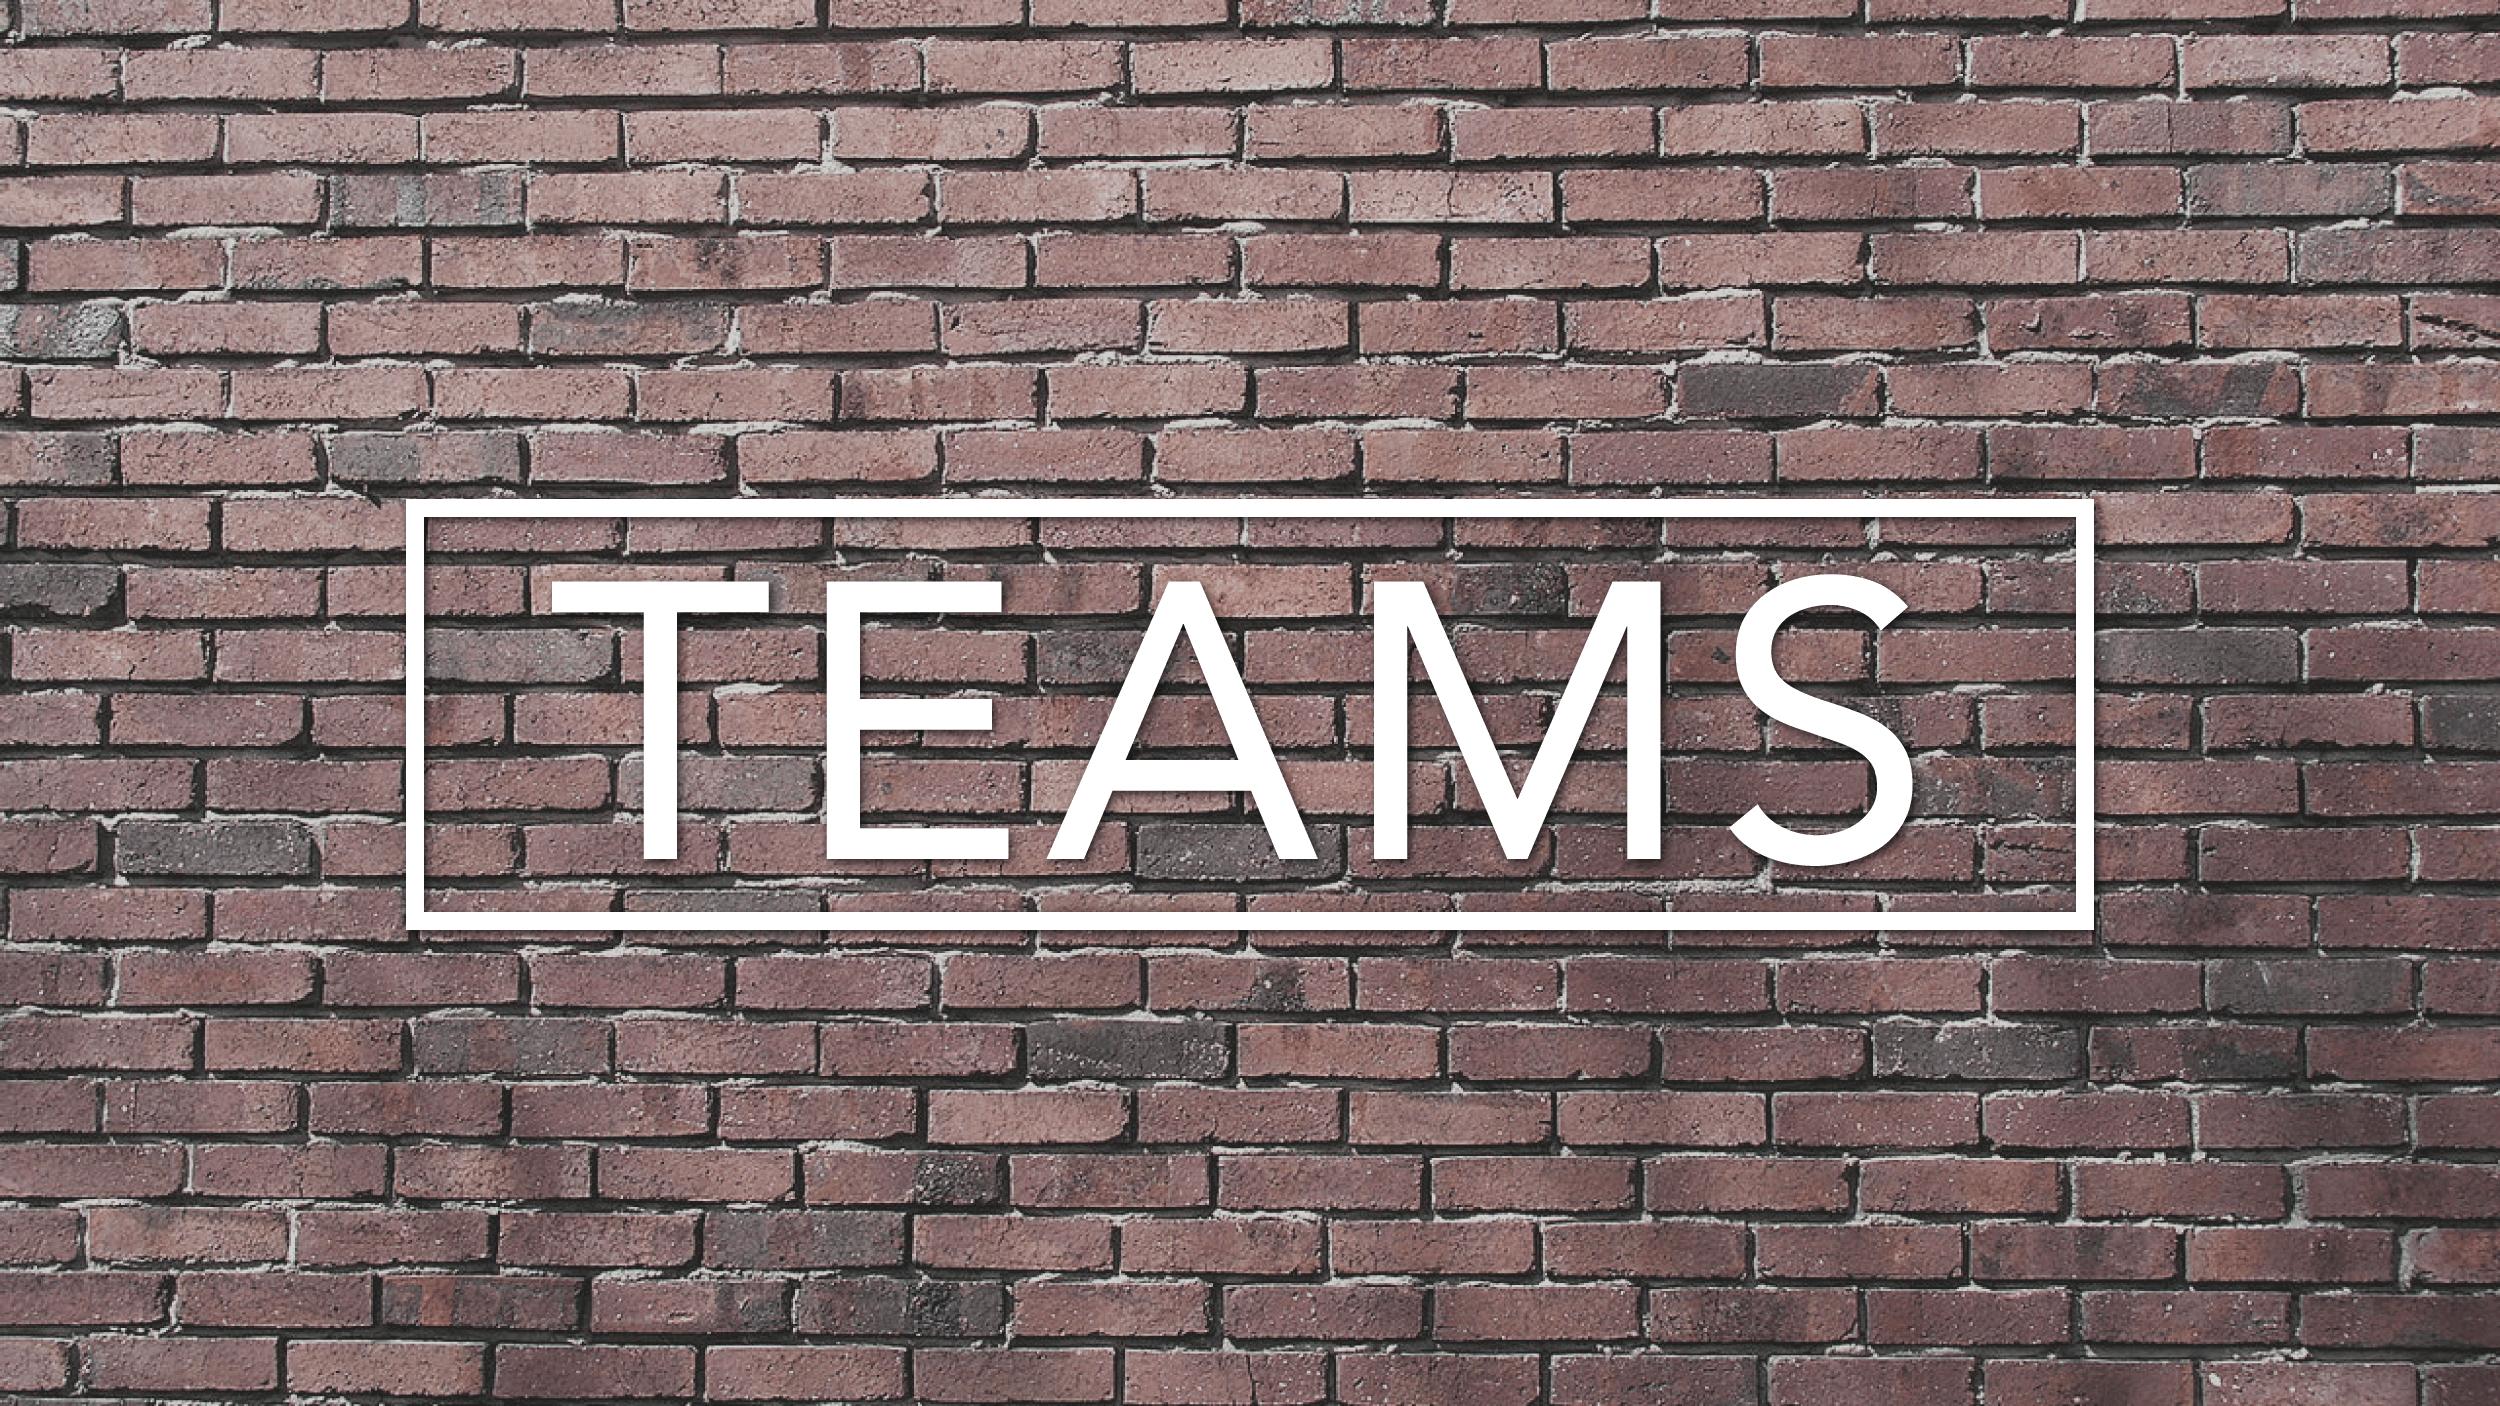 Teams-brick-wall-smaller.png